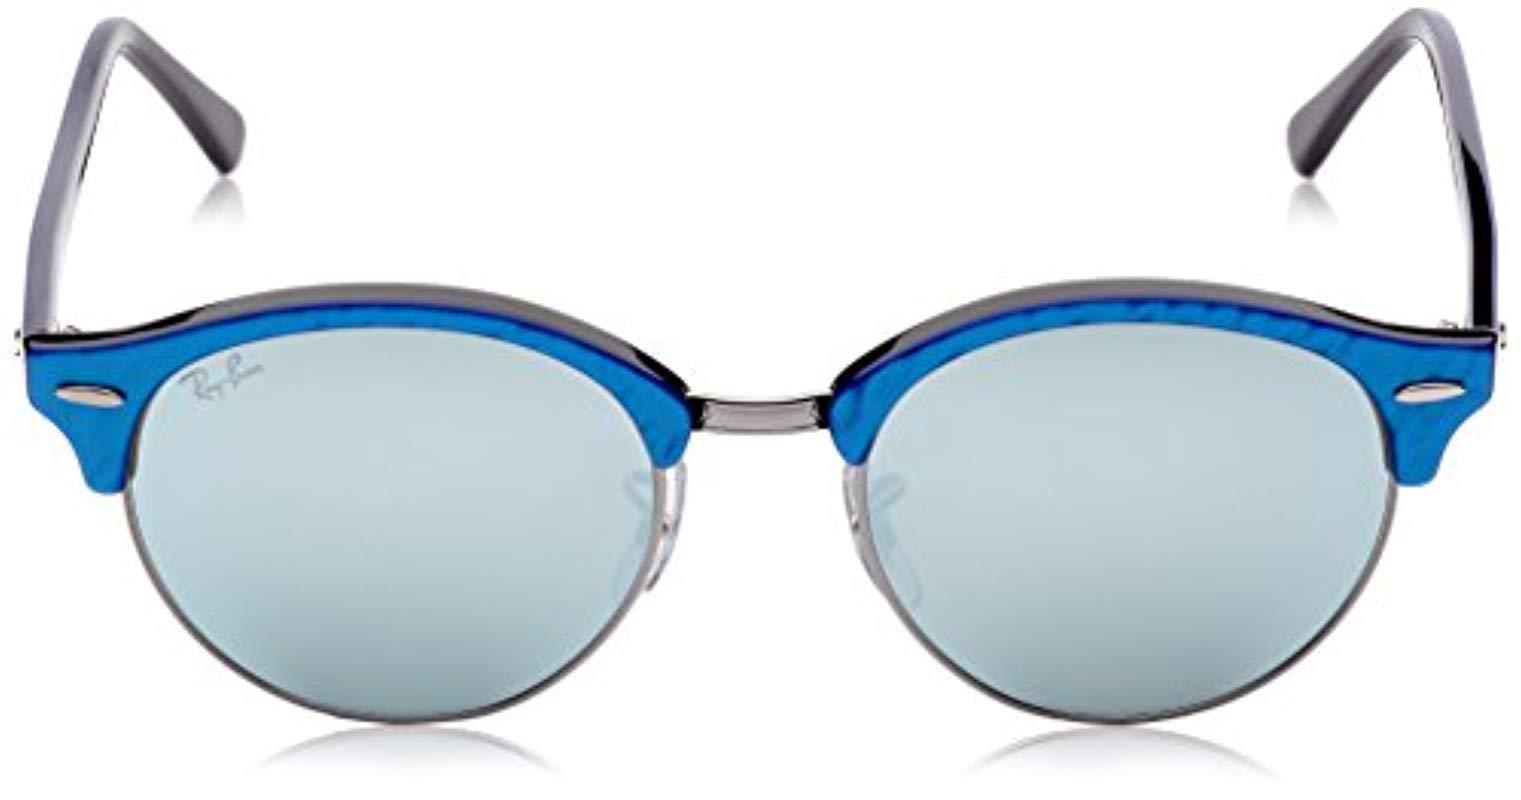 3b9a1cf44d Ray-Ban Mod. 4246 Sunglasses